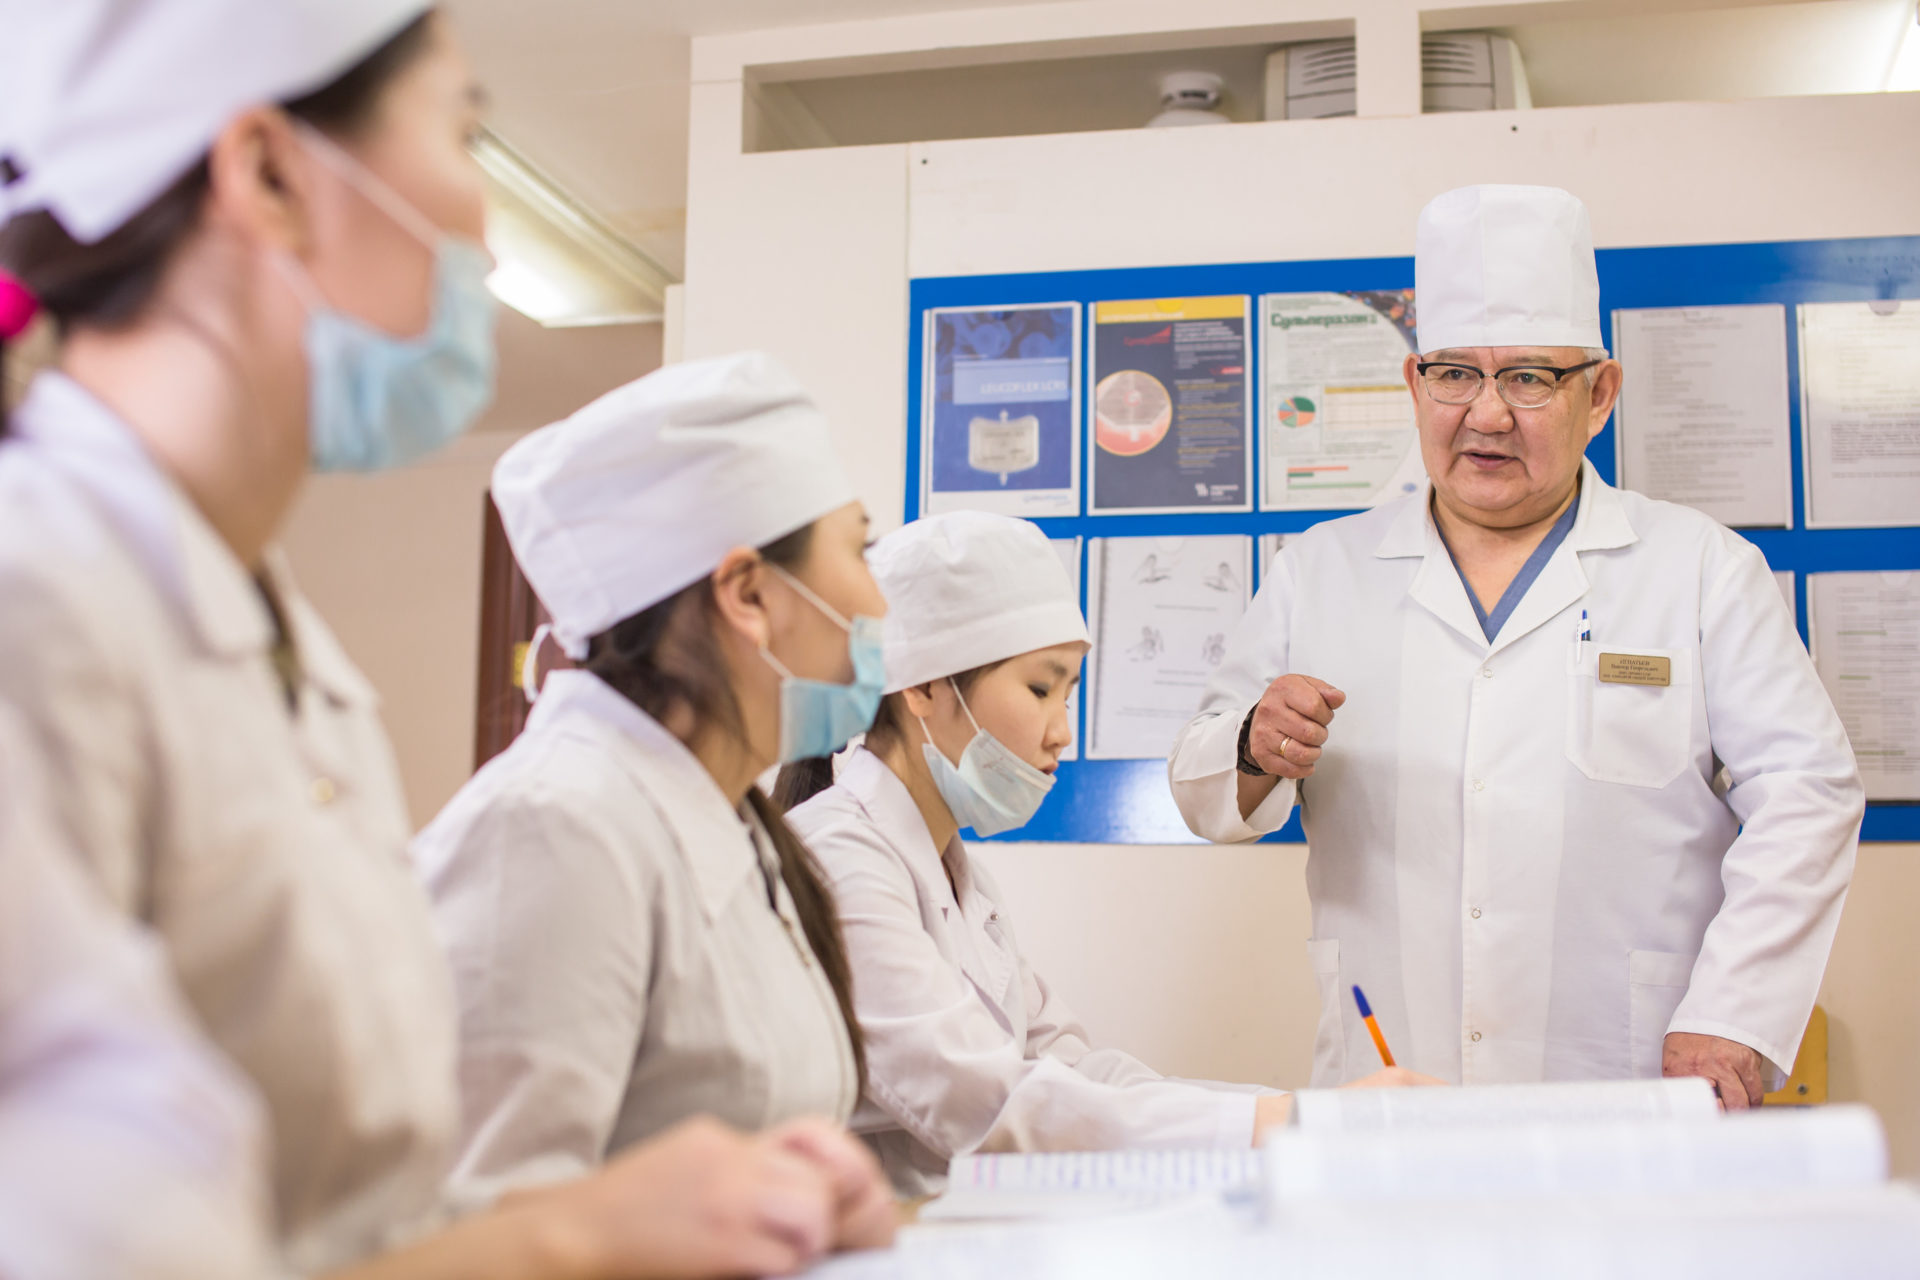 Интервью профессора медицины: «Ключ к выздоровлению пациента всегда будет сокрыт именно в общении врача с больным»